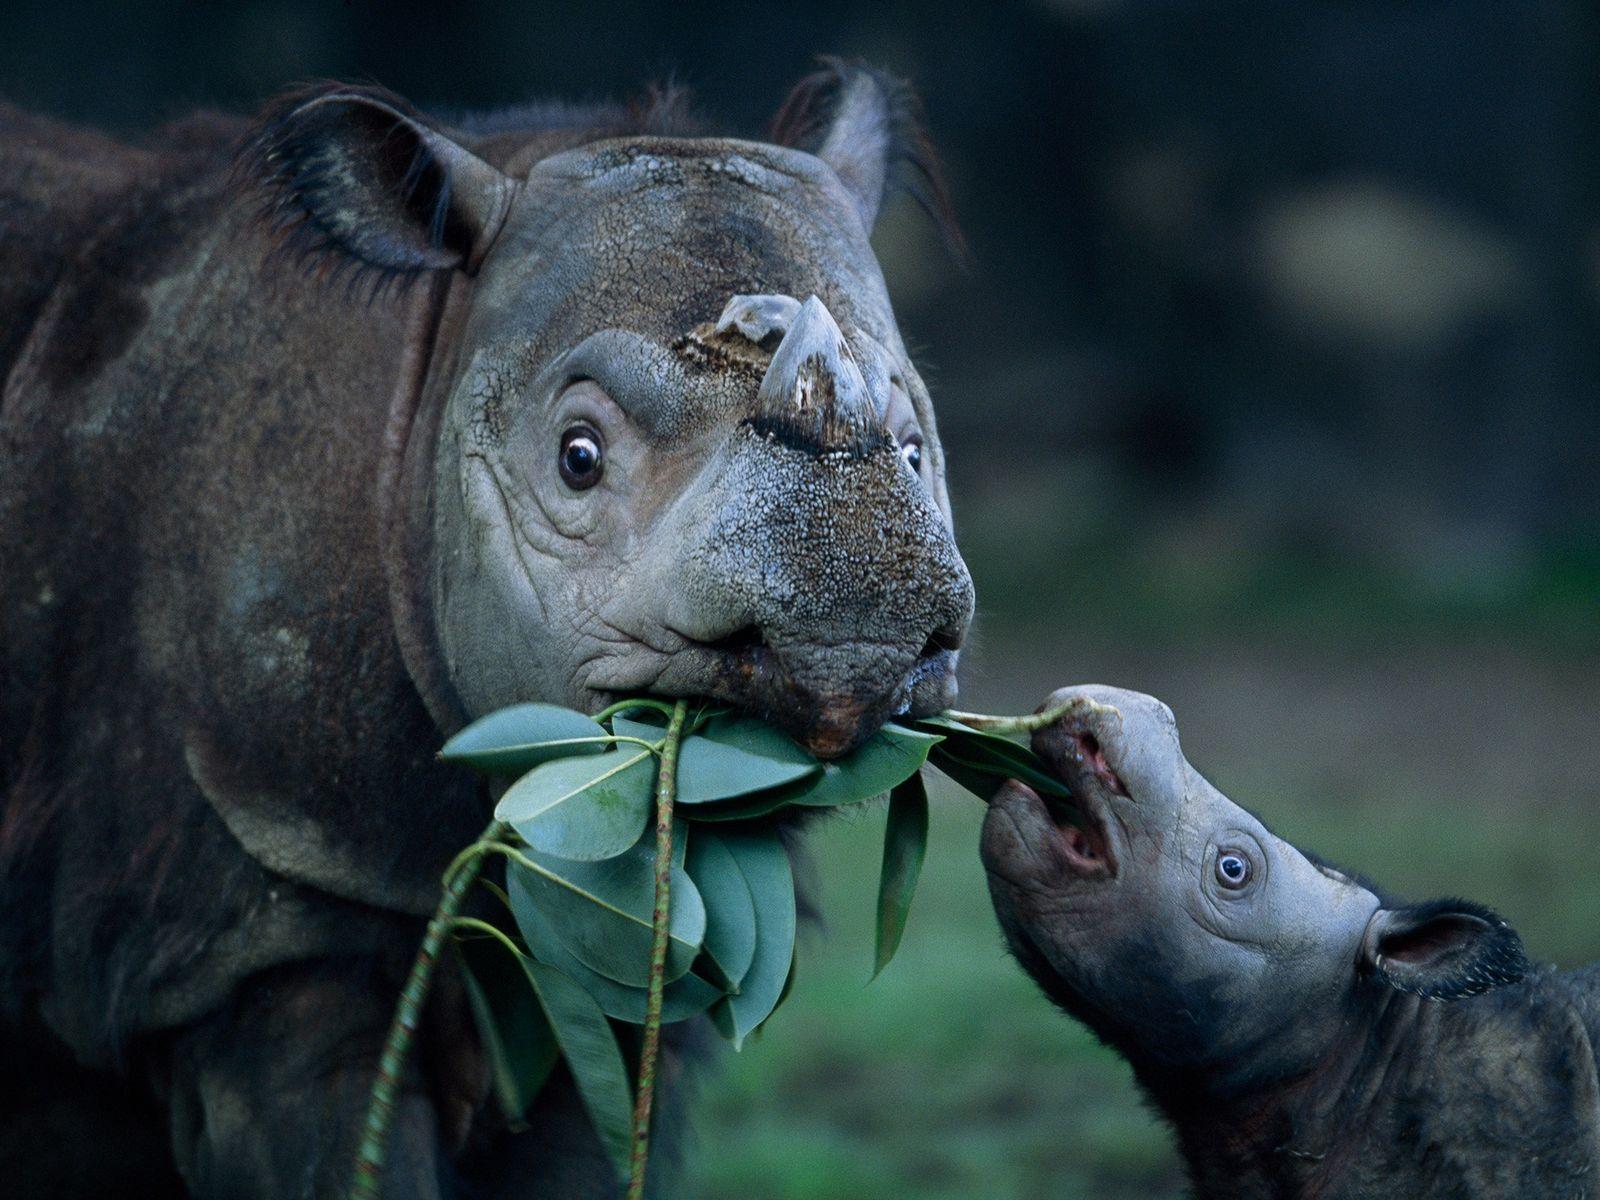 Ein Sumatra-Nashorn und sein Kalb fressen Grünzeug im Zoo von Cincinnati. Nashornmütter investieren viel in ihre Kälber: ...